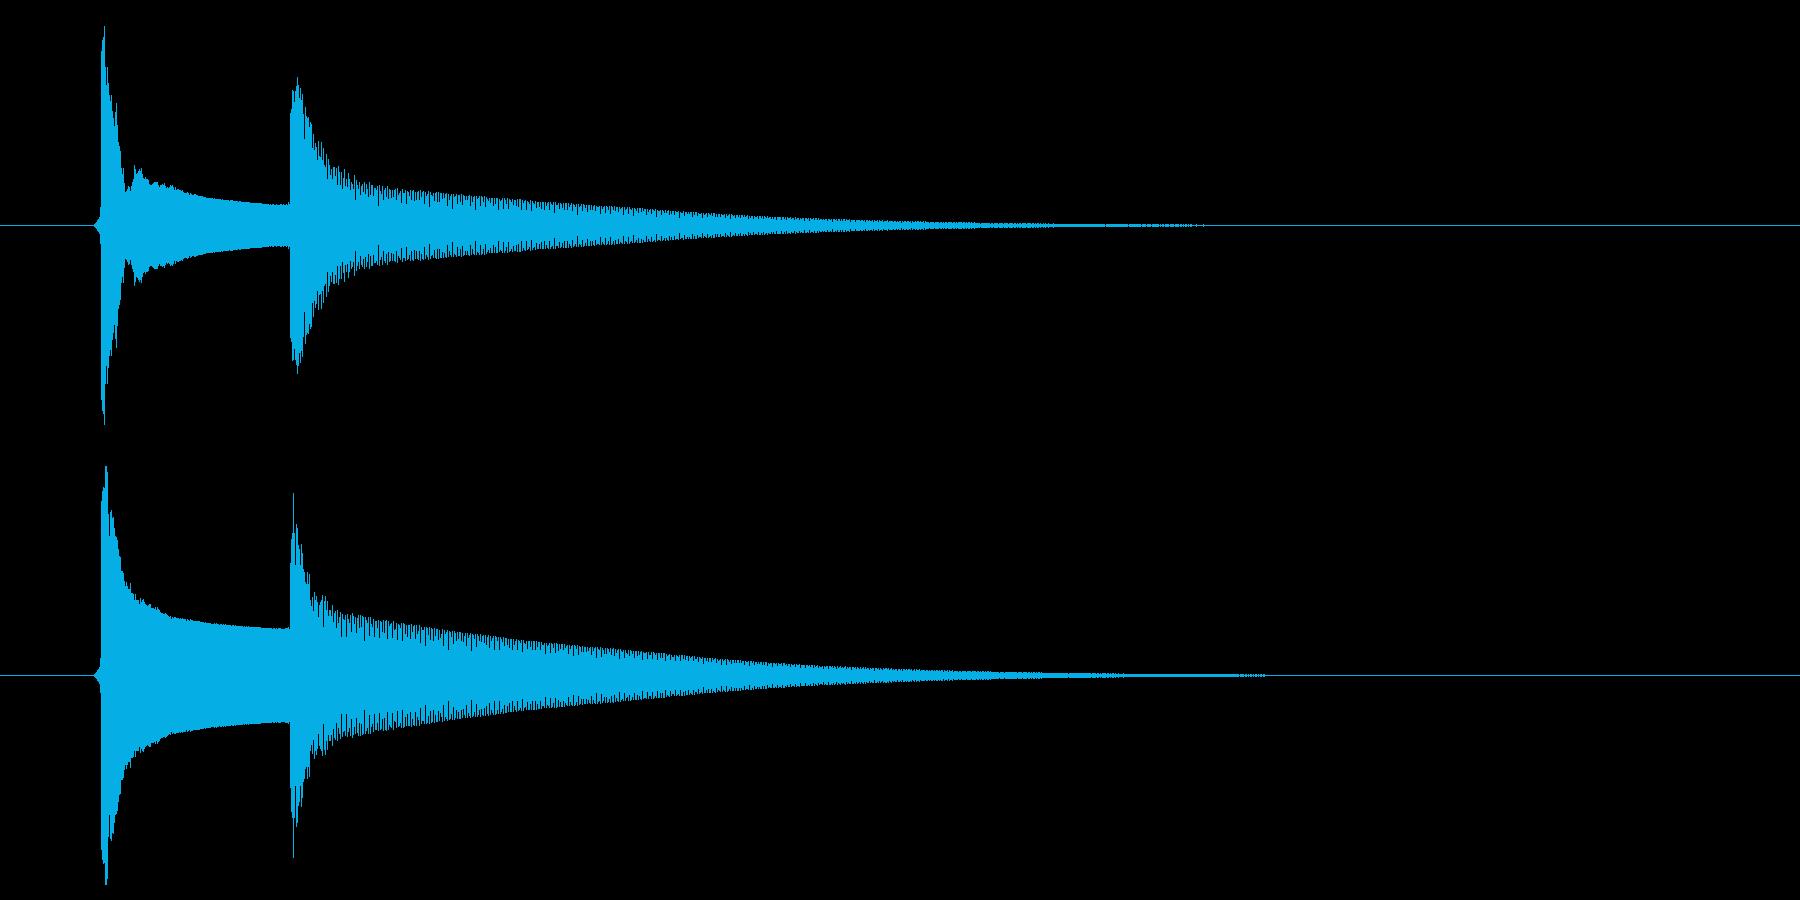 【生録音】ピンポーン(速度-普通)の再生済みの波形